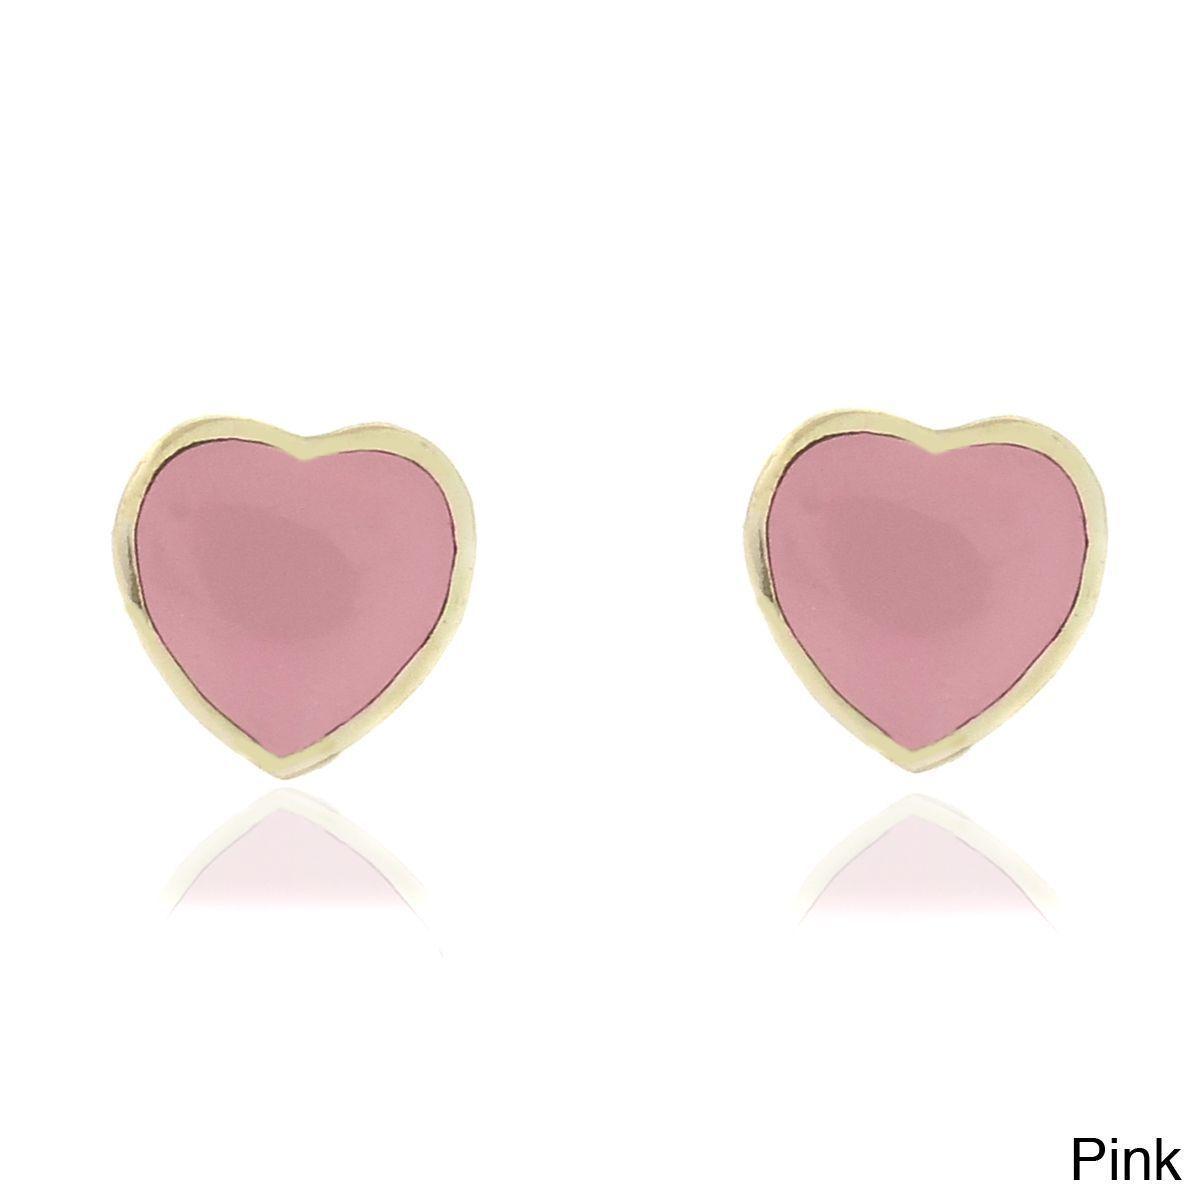 Molly and Emma 18k Gold Overlay Children's Enamel Heart Stud Earrings